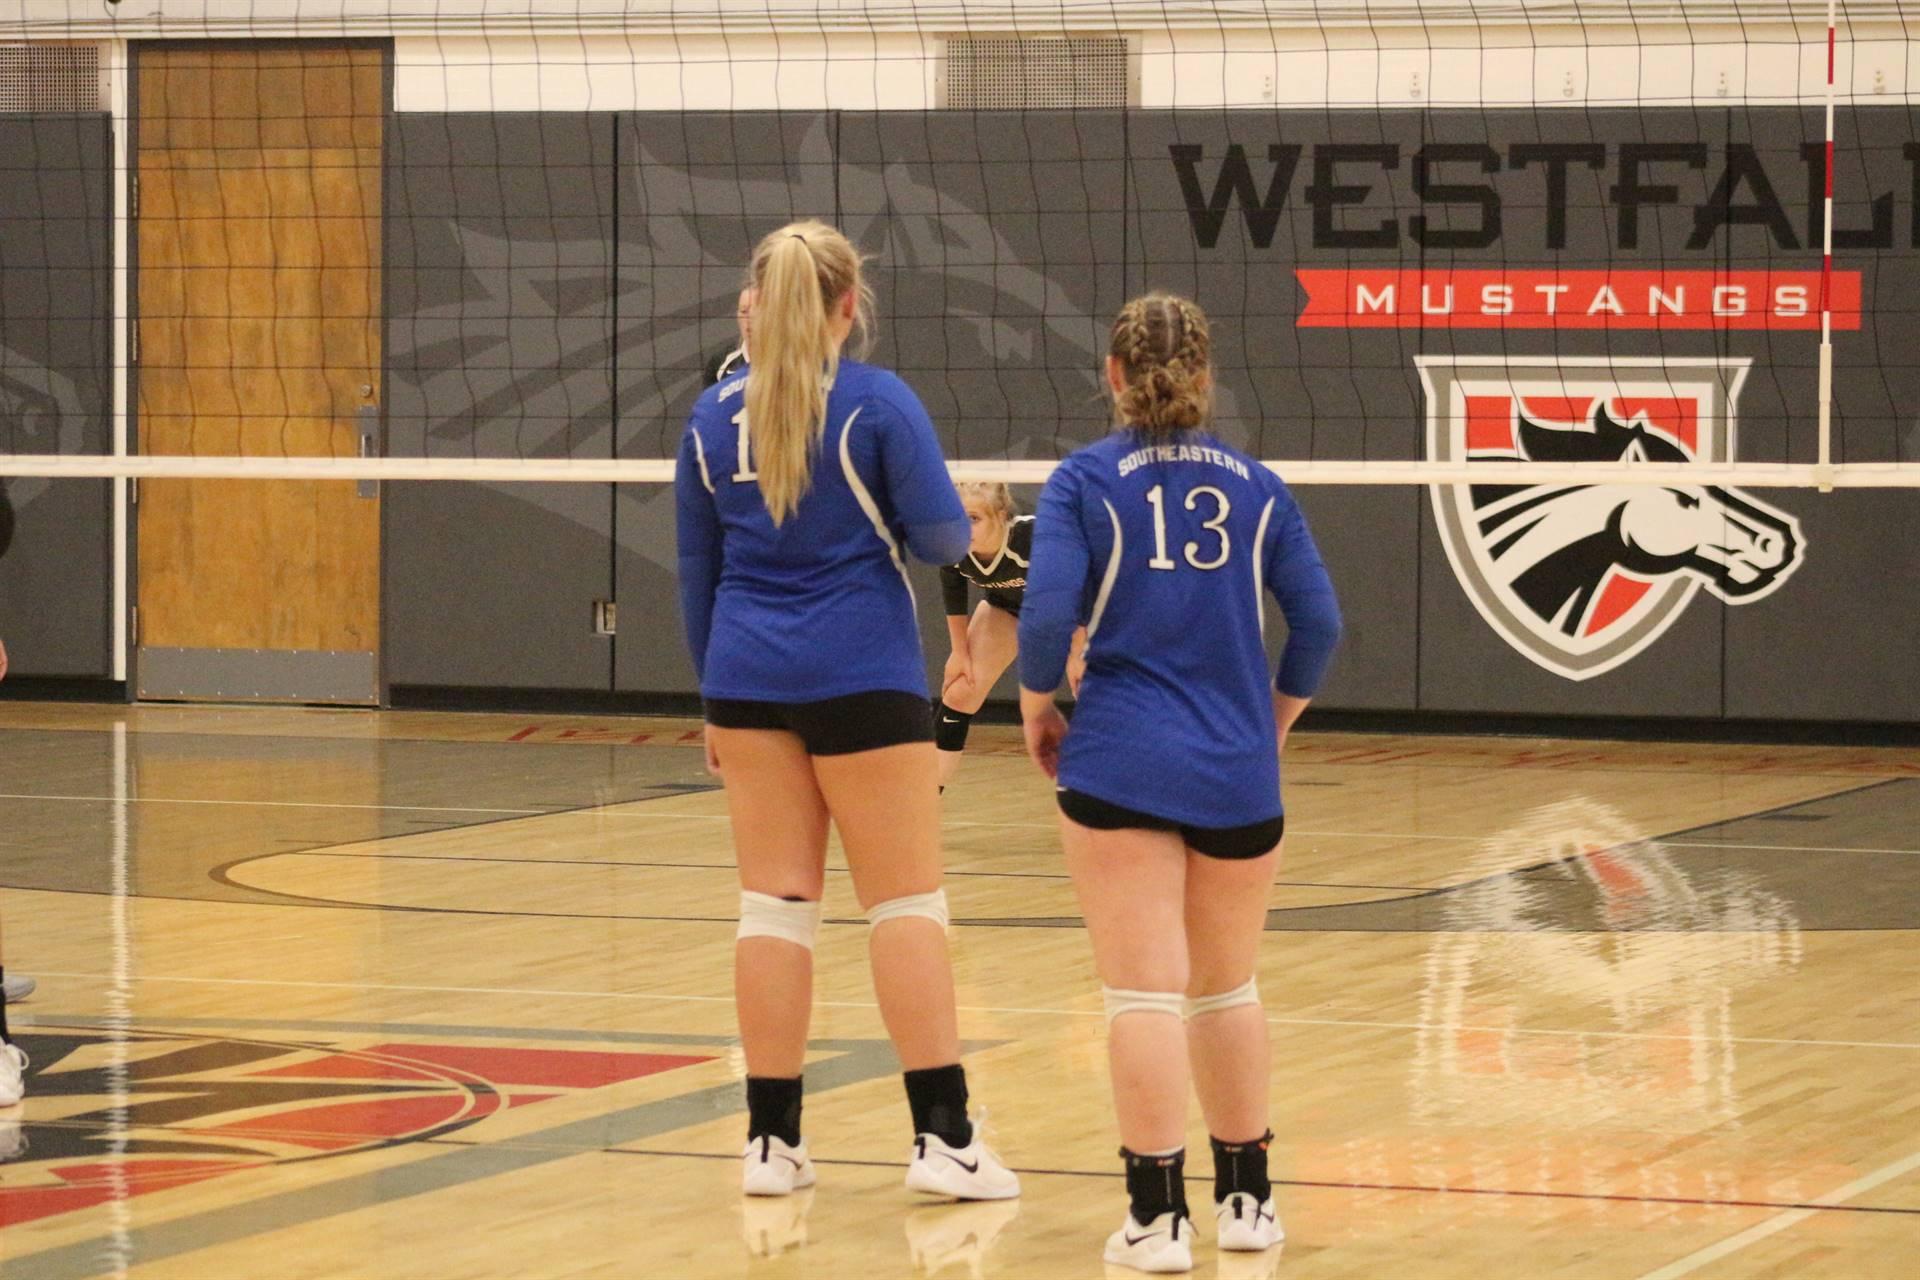 JV Volleyball vs Westfall